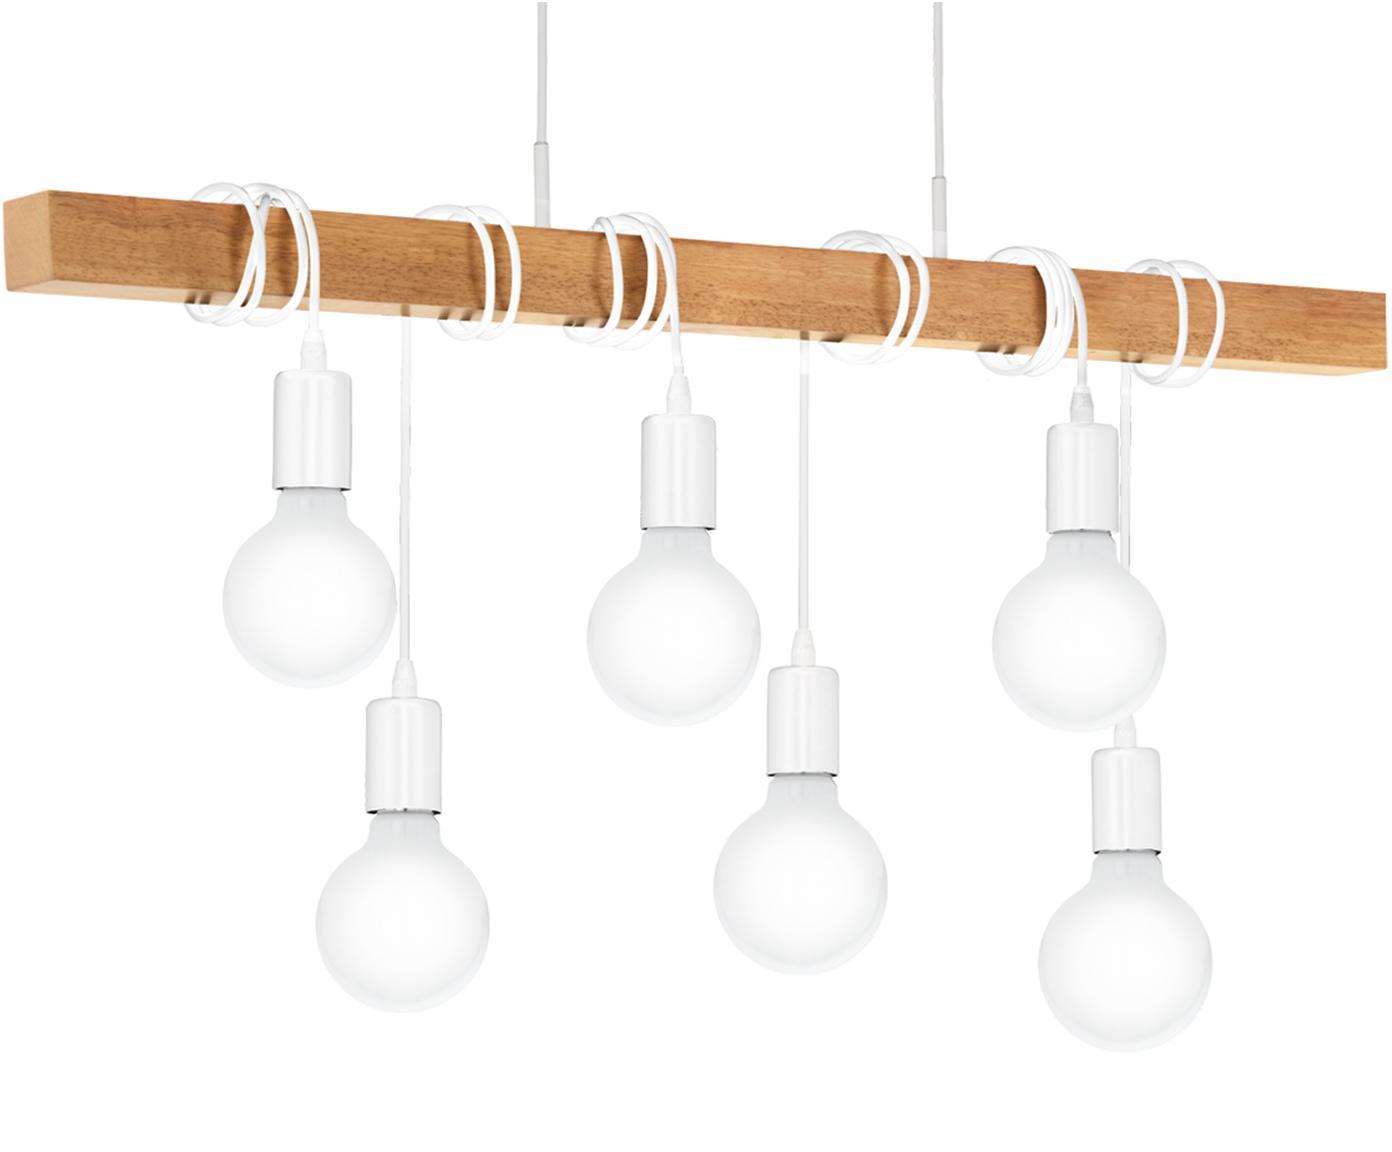 Lampada a sospensione Townshend, Acciaio rivestito, legno, Bianco, legno, Larg. 100 x Alt. 110 cm